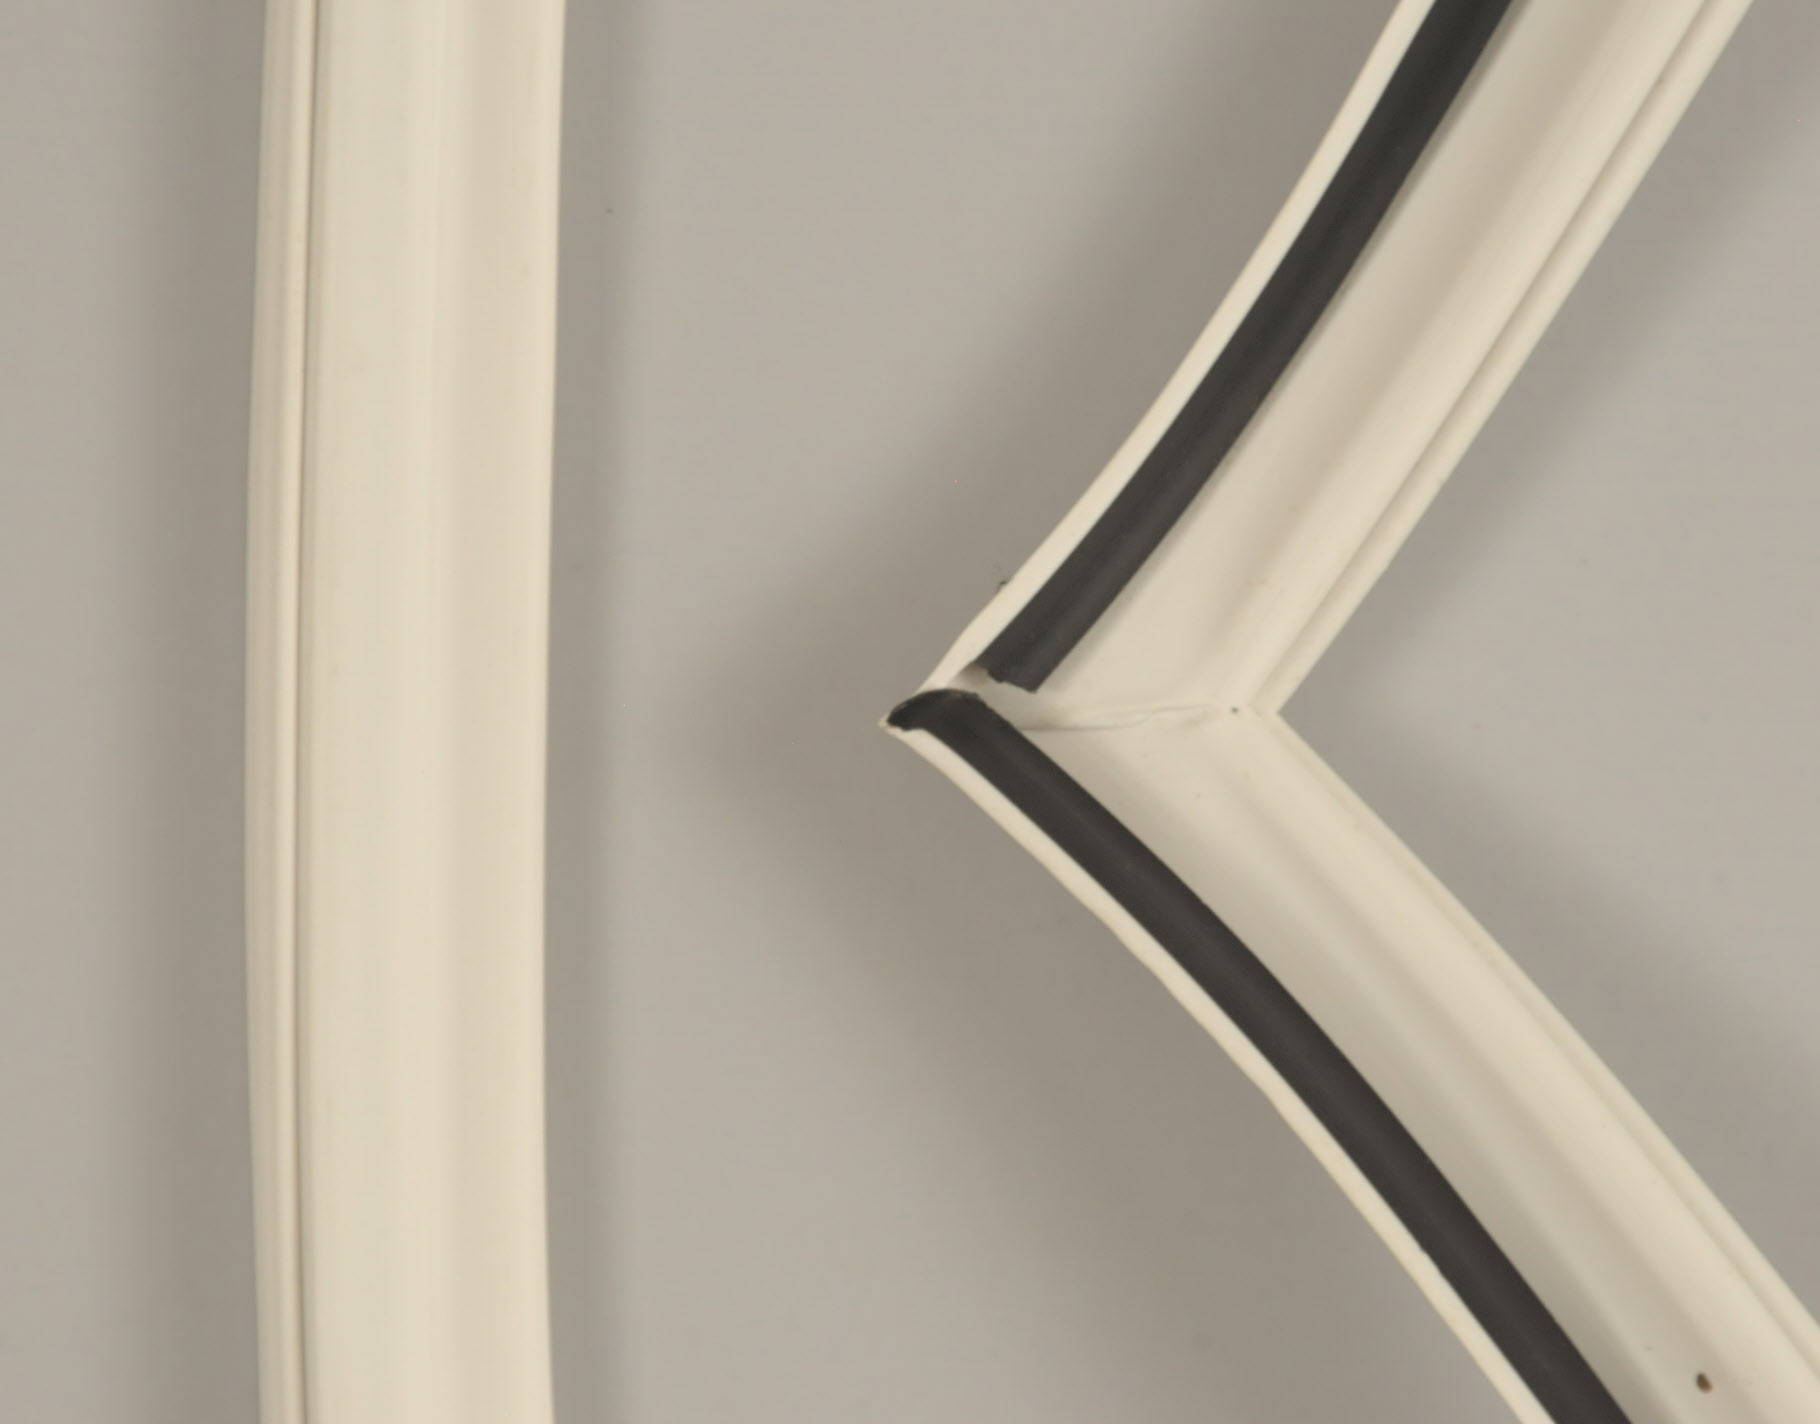 KitchenAid Refrigerator Part # 2159073 - Door Gasket